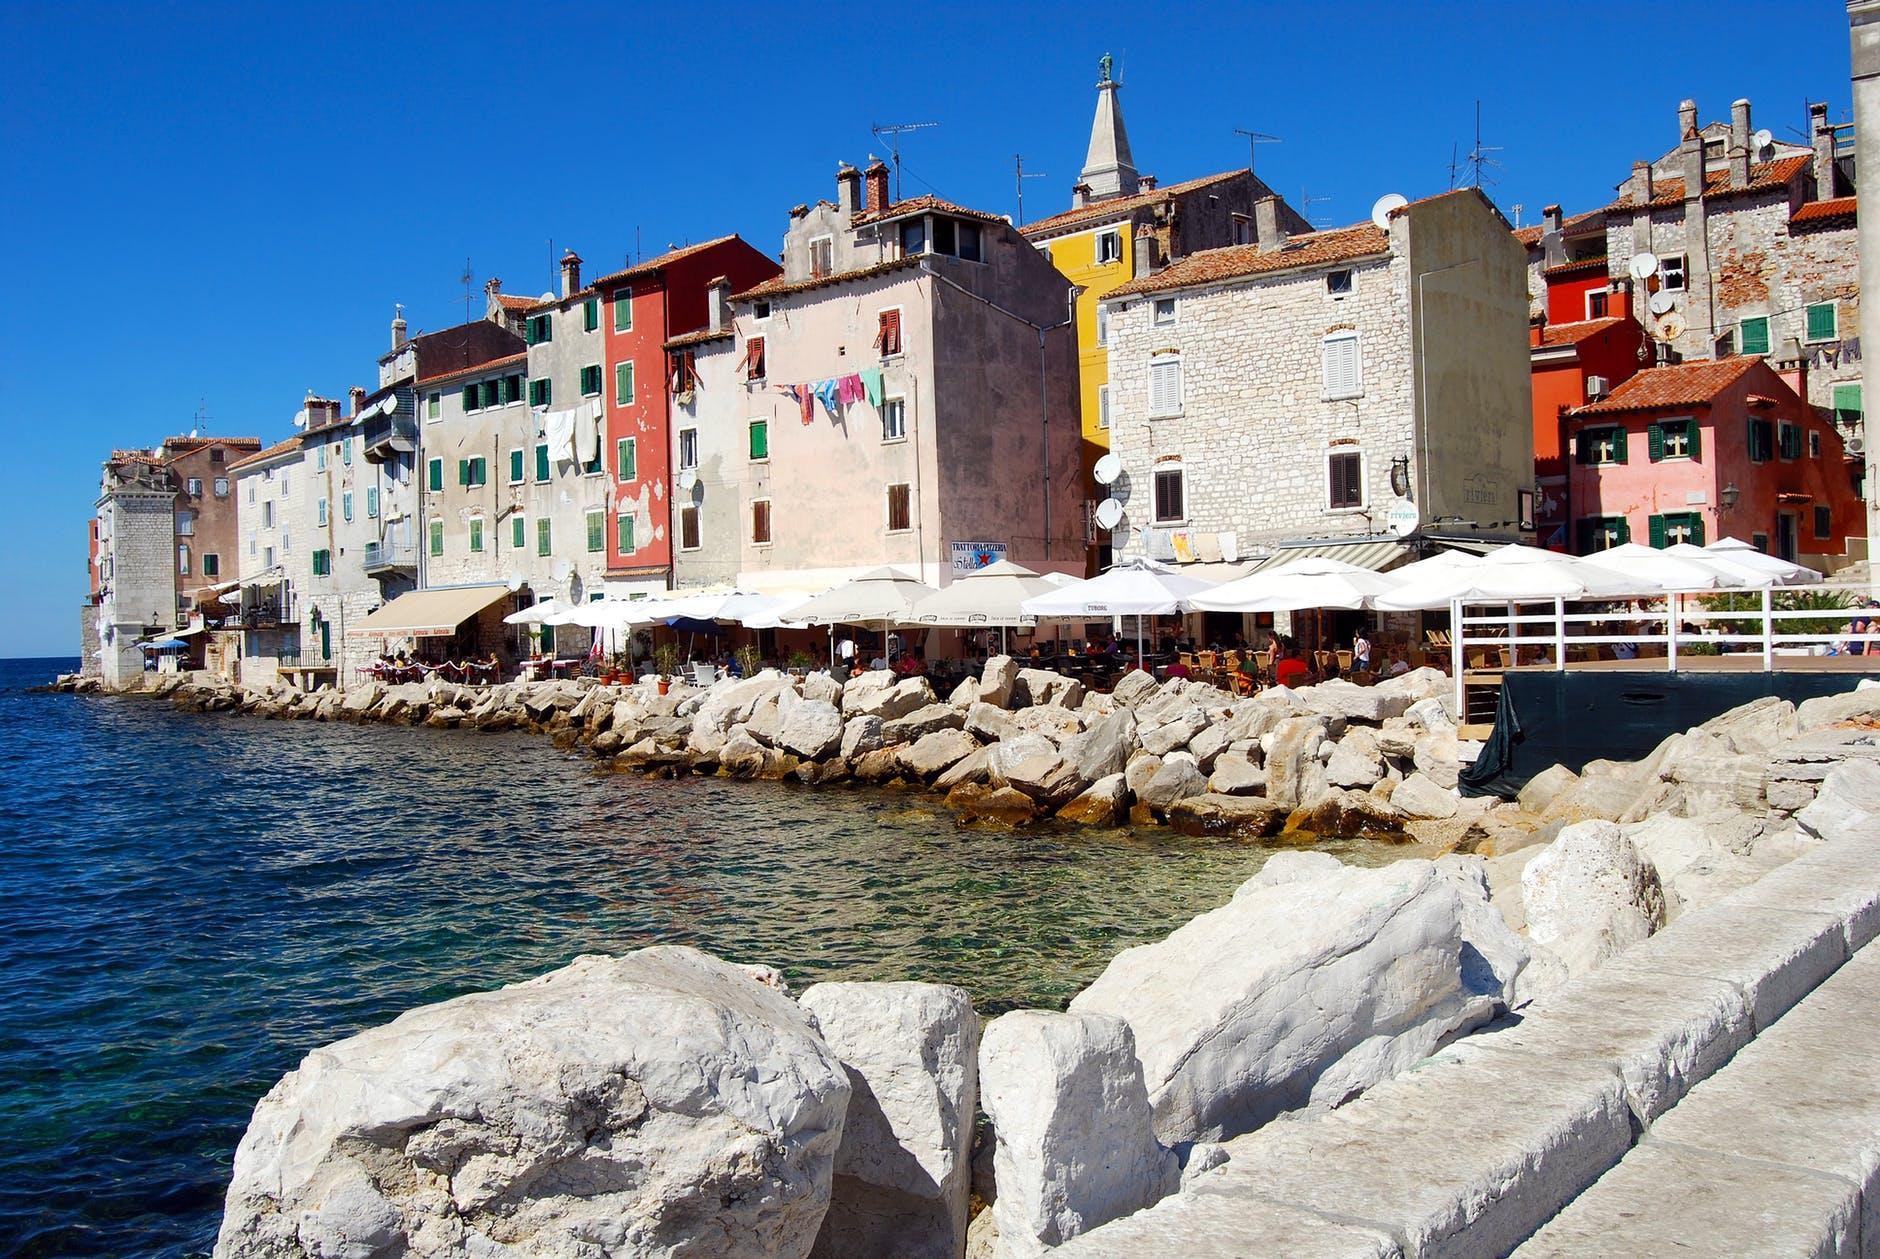 Croacia brinda becas para ayudar su fauna marina y de paso, hacer turismo